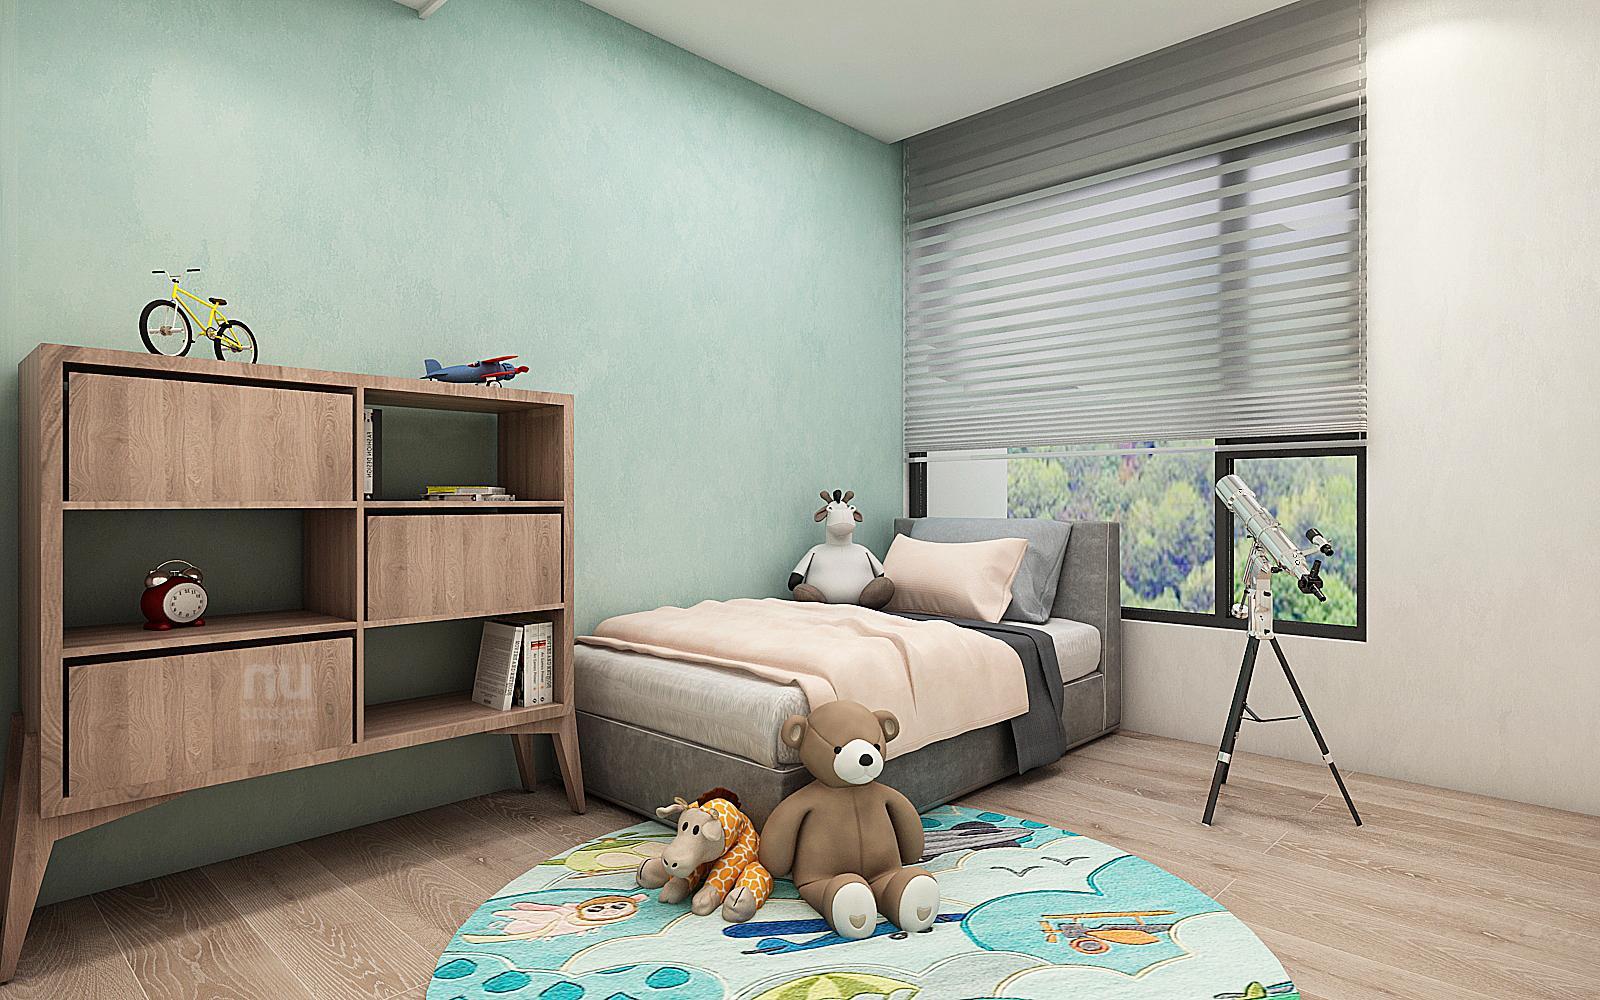 商空設計-做個天馬行空的夢想家-臥室